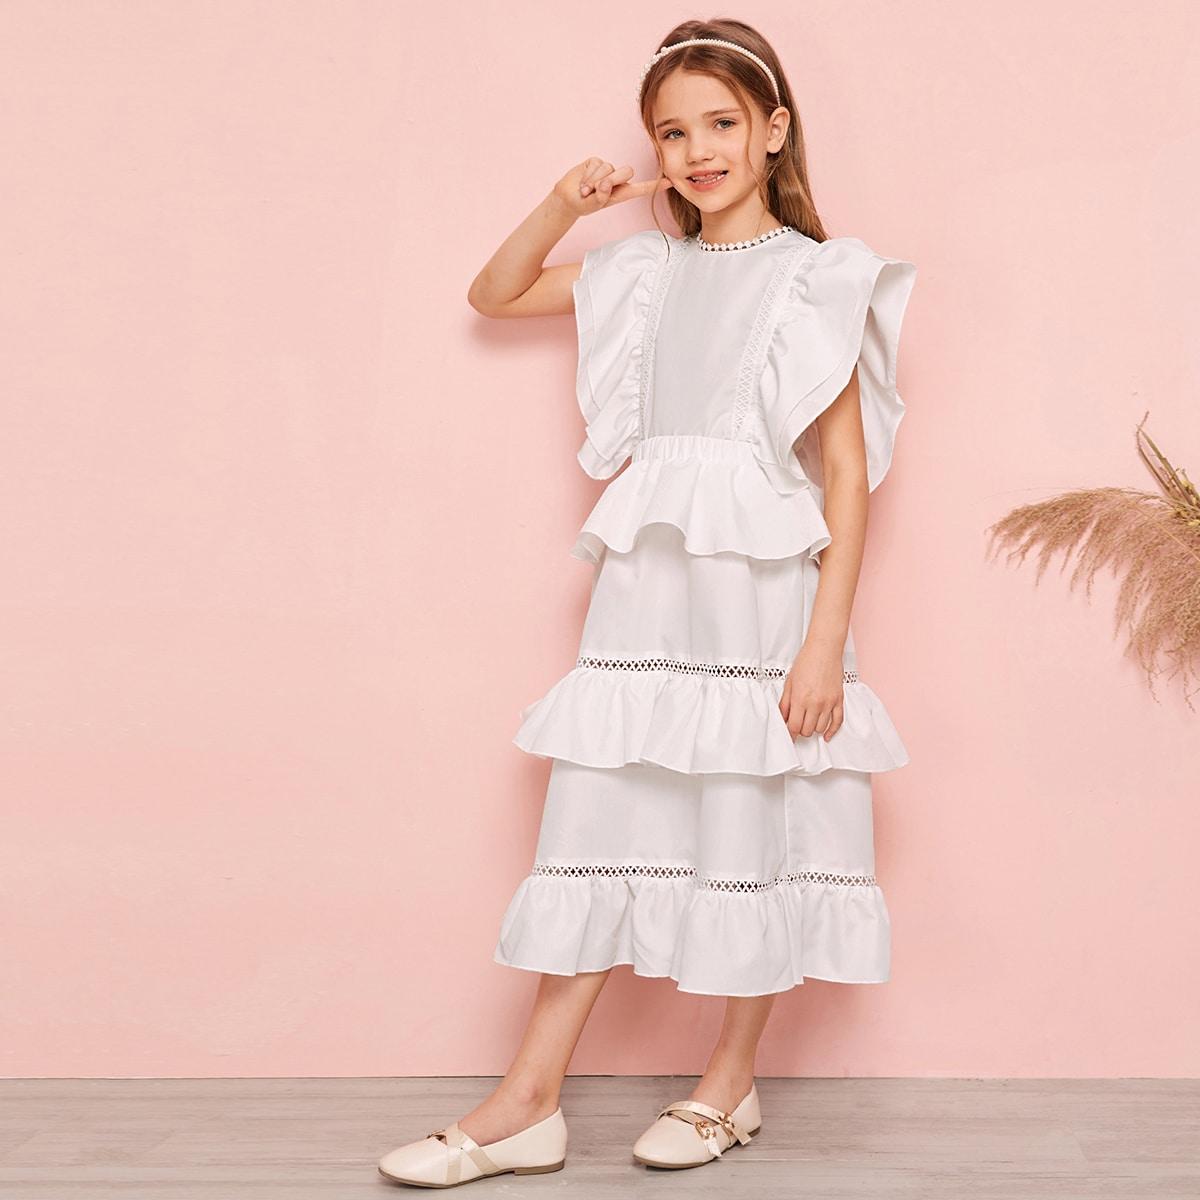 Кружевной топ и многослойная юбка для девочек